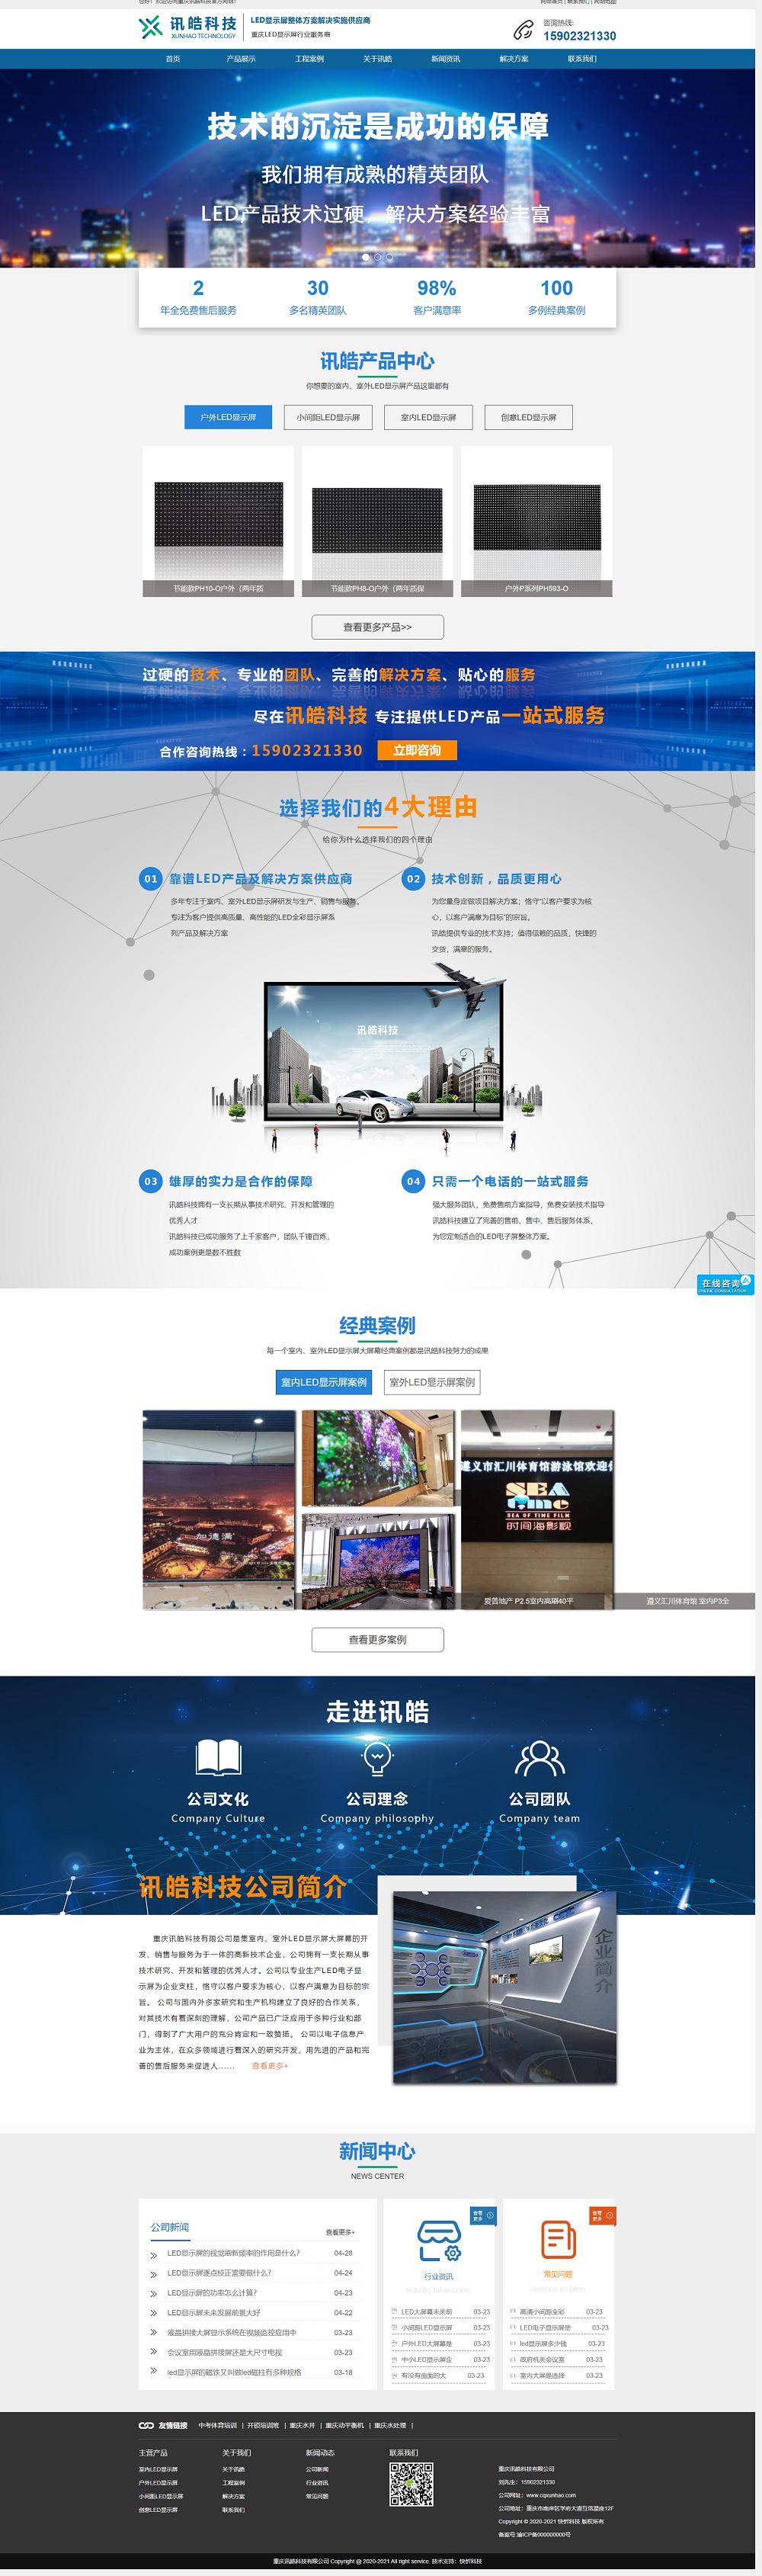 重庆讯皓科技有限公司网站建设案例